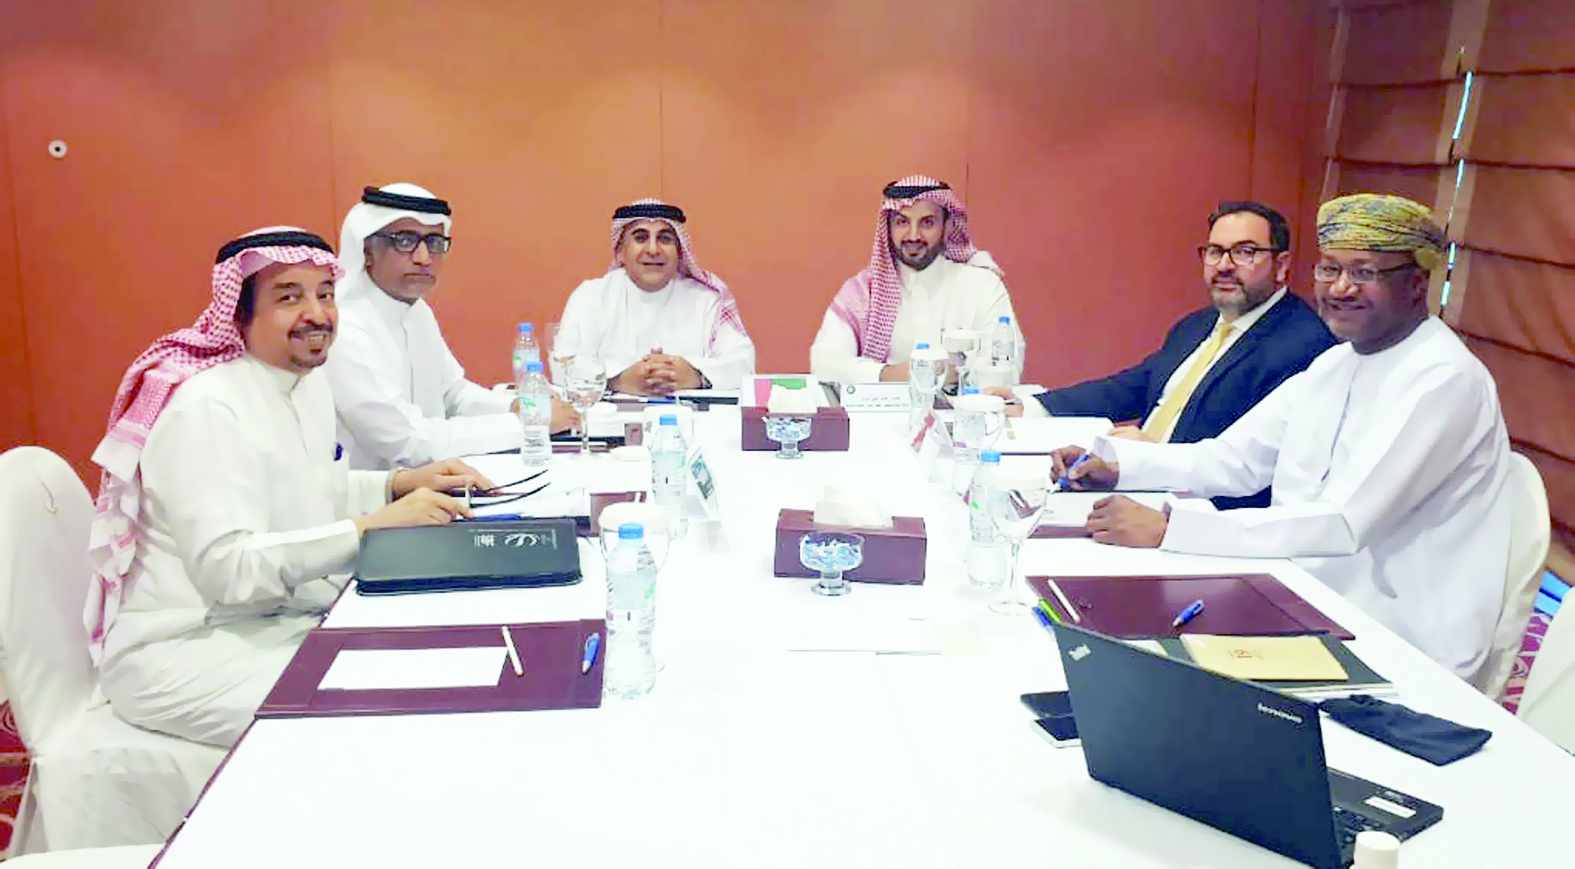 الحسني يشارك في اجتماعات اللجنة التنظيمية للسلة الخليجية بدبي